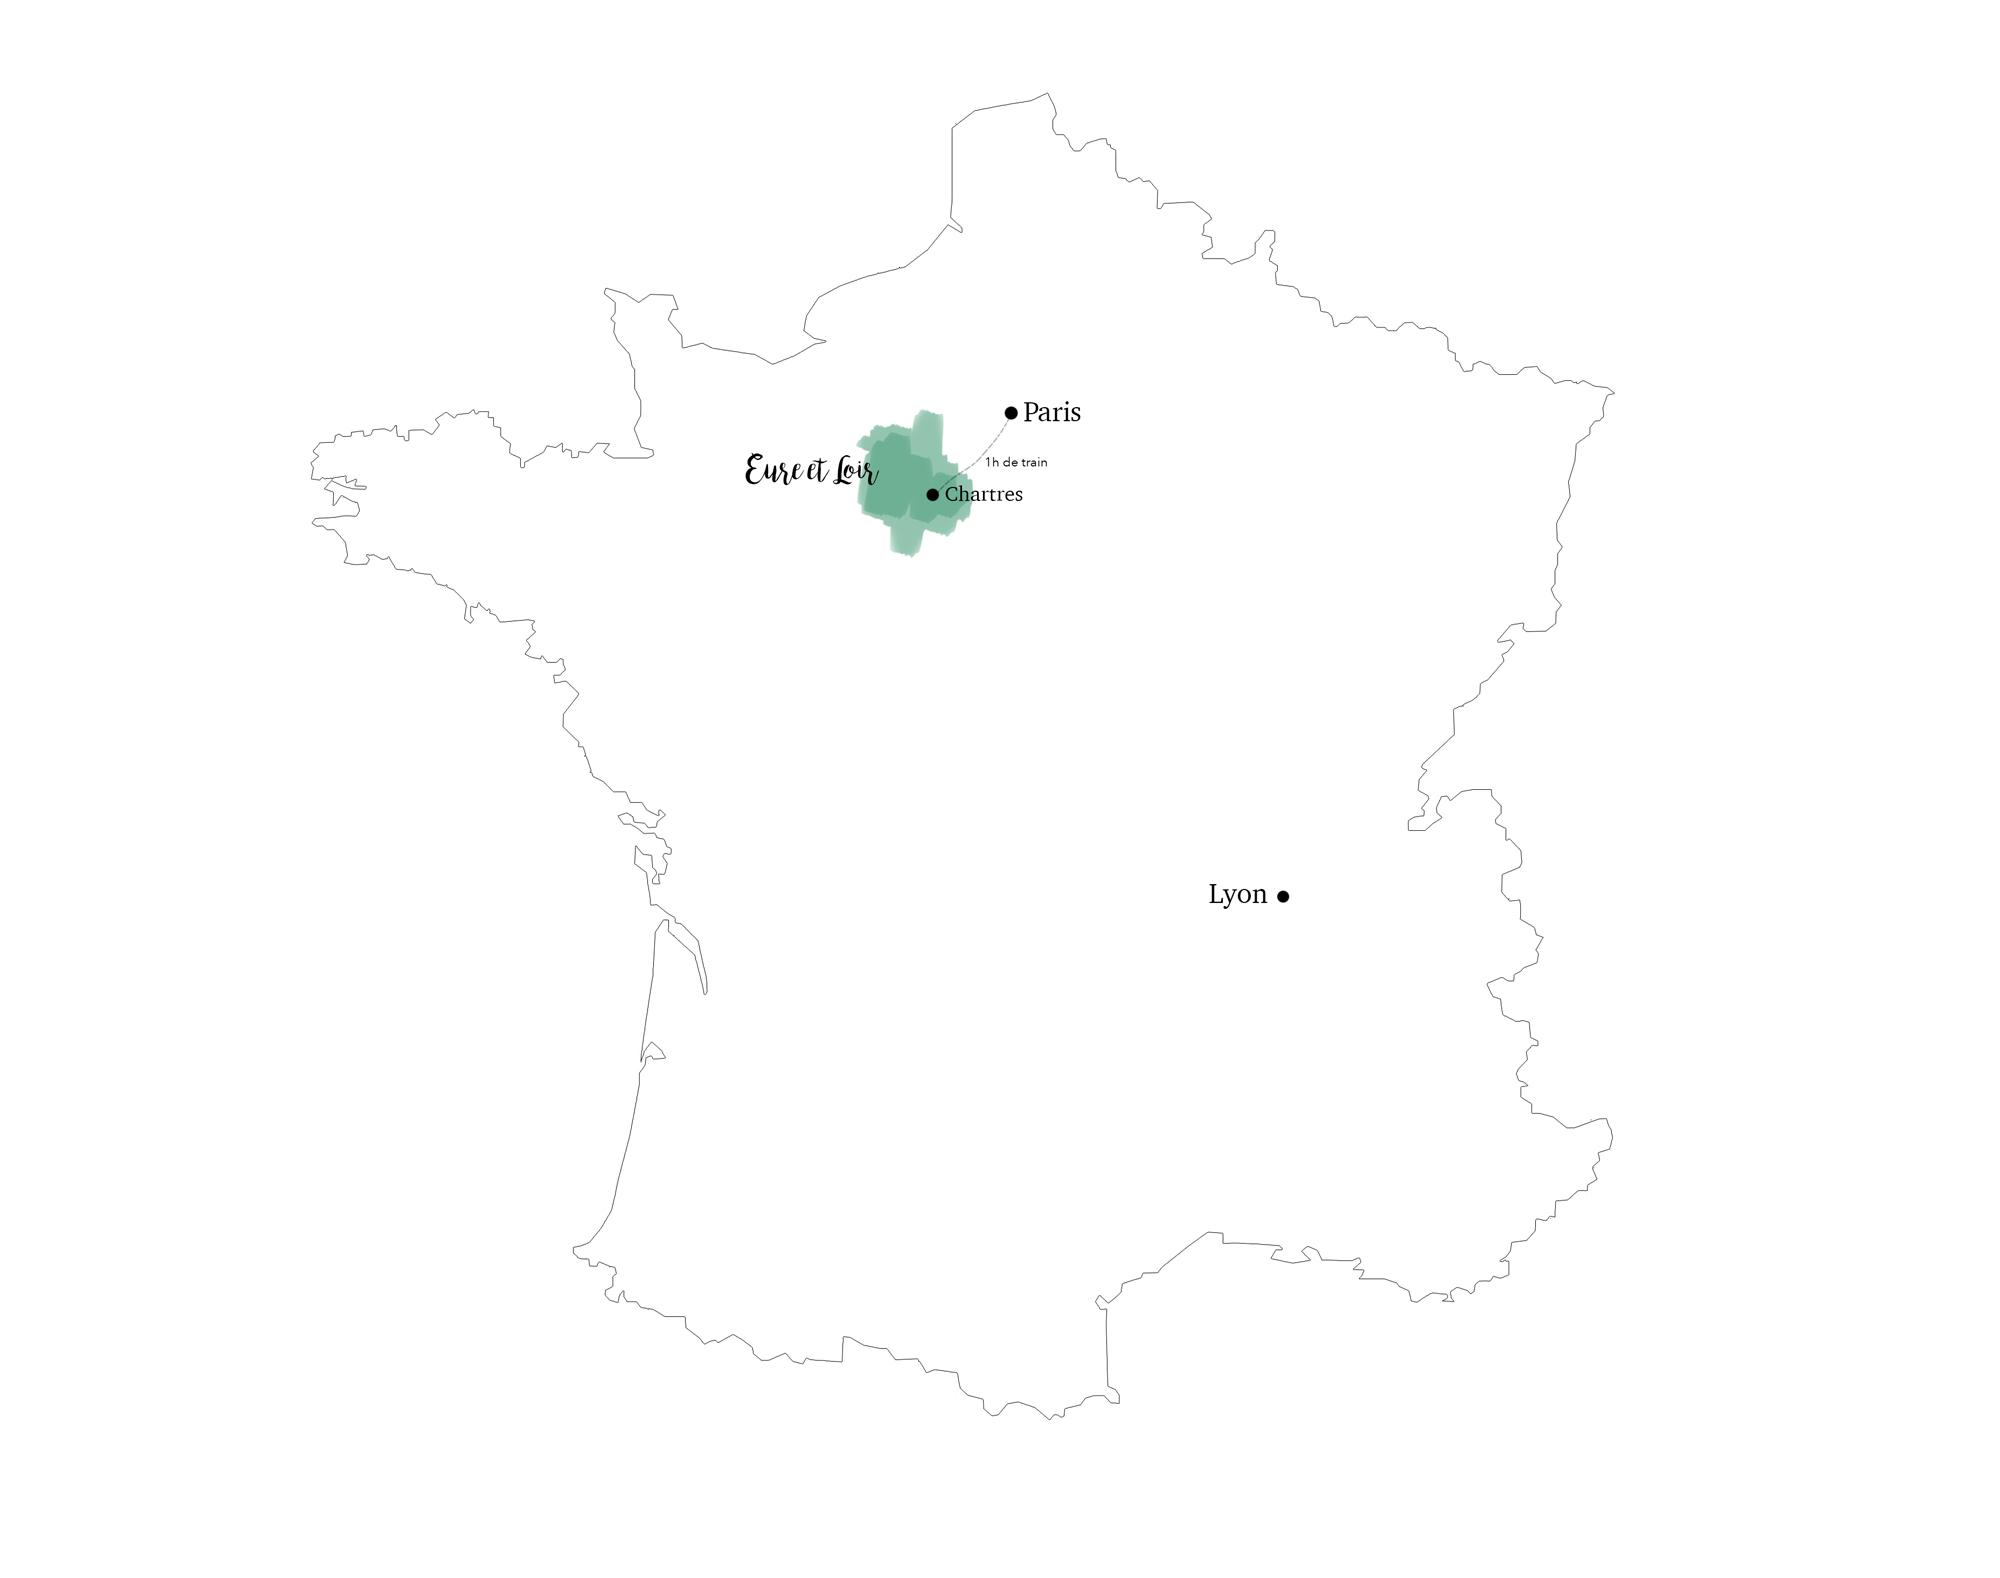 Paris Chartes